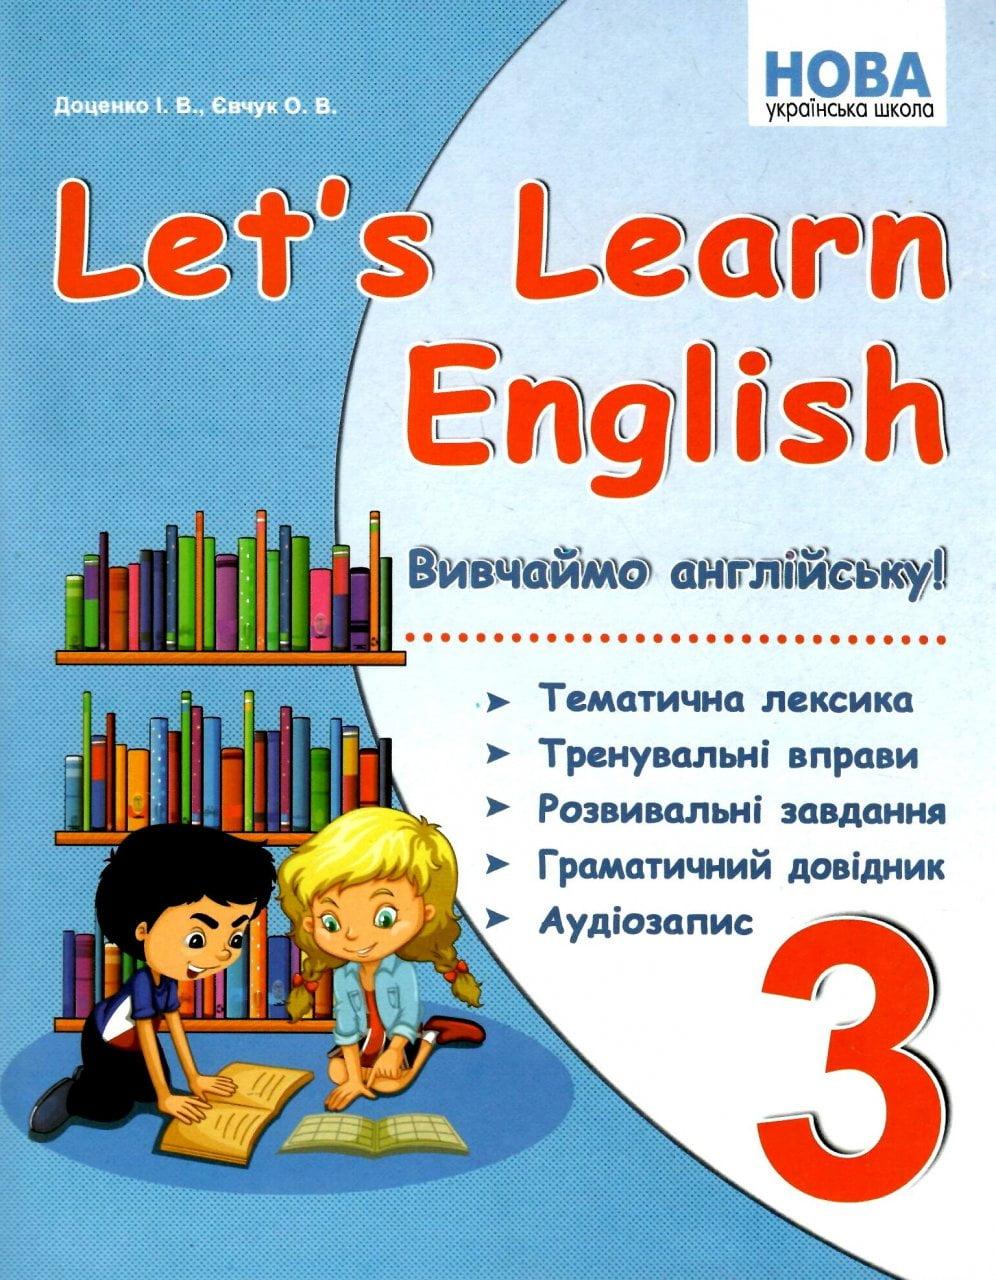 Let`s learn English 3 / Вивчаймо англійську! 3